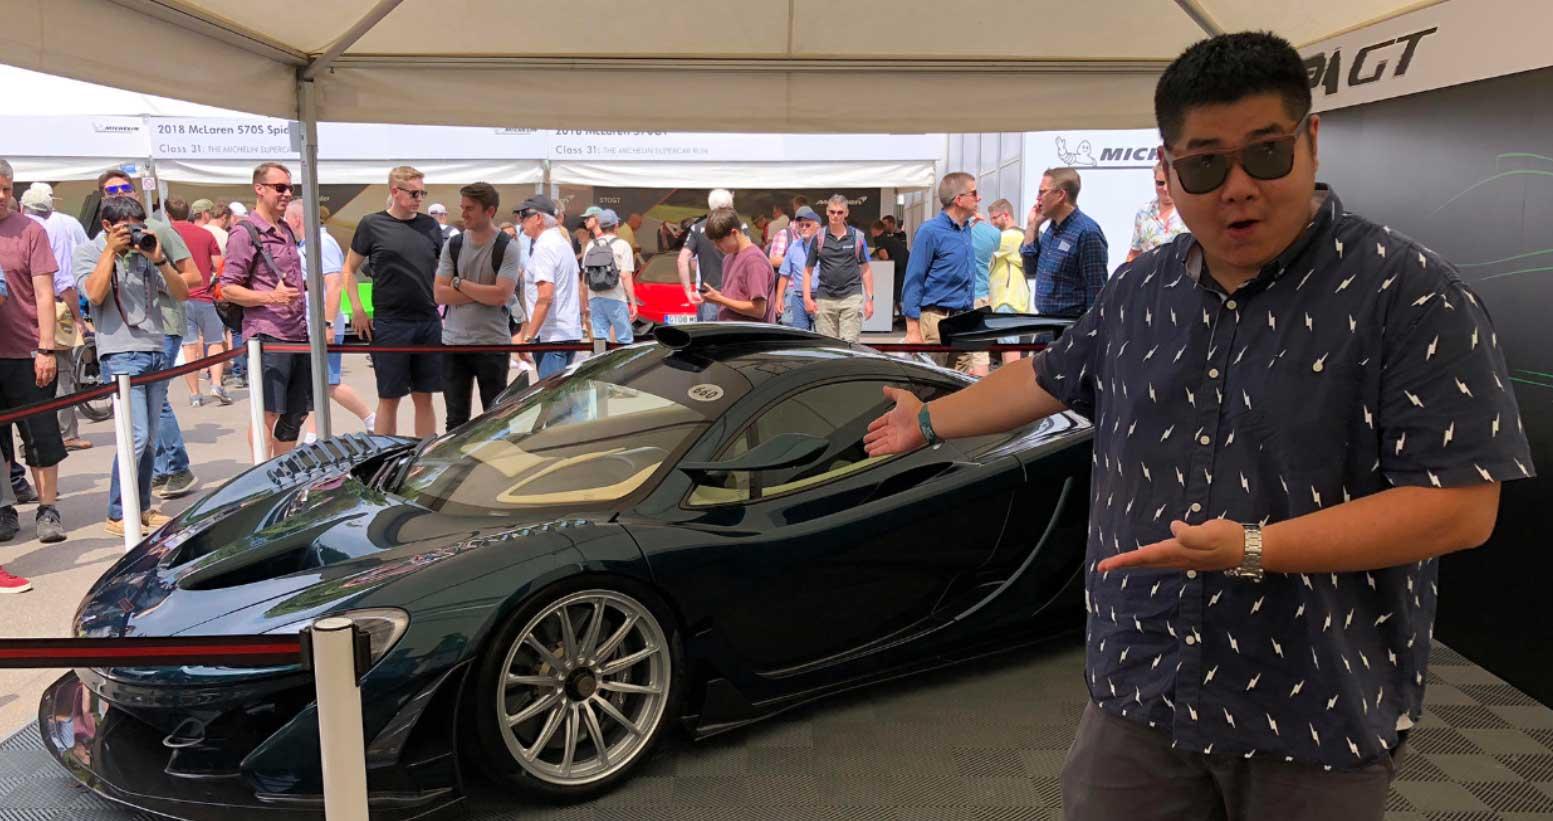 【每天一款实拍车】古德伍德速度节 二师兄聊迈凯伦P1 GT